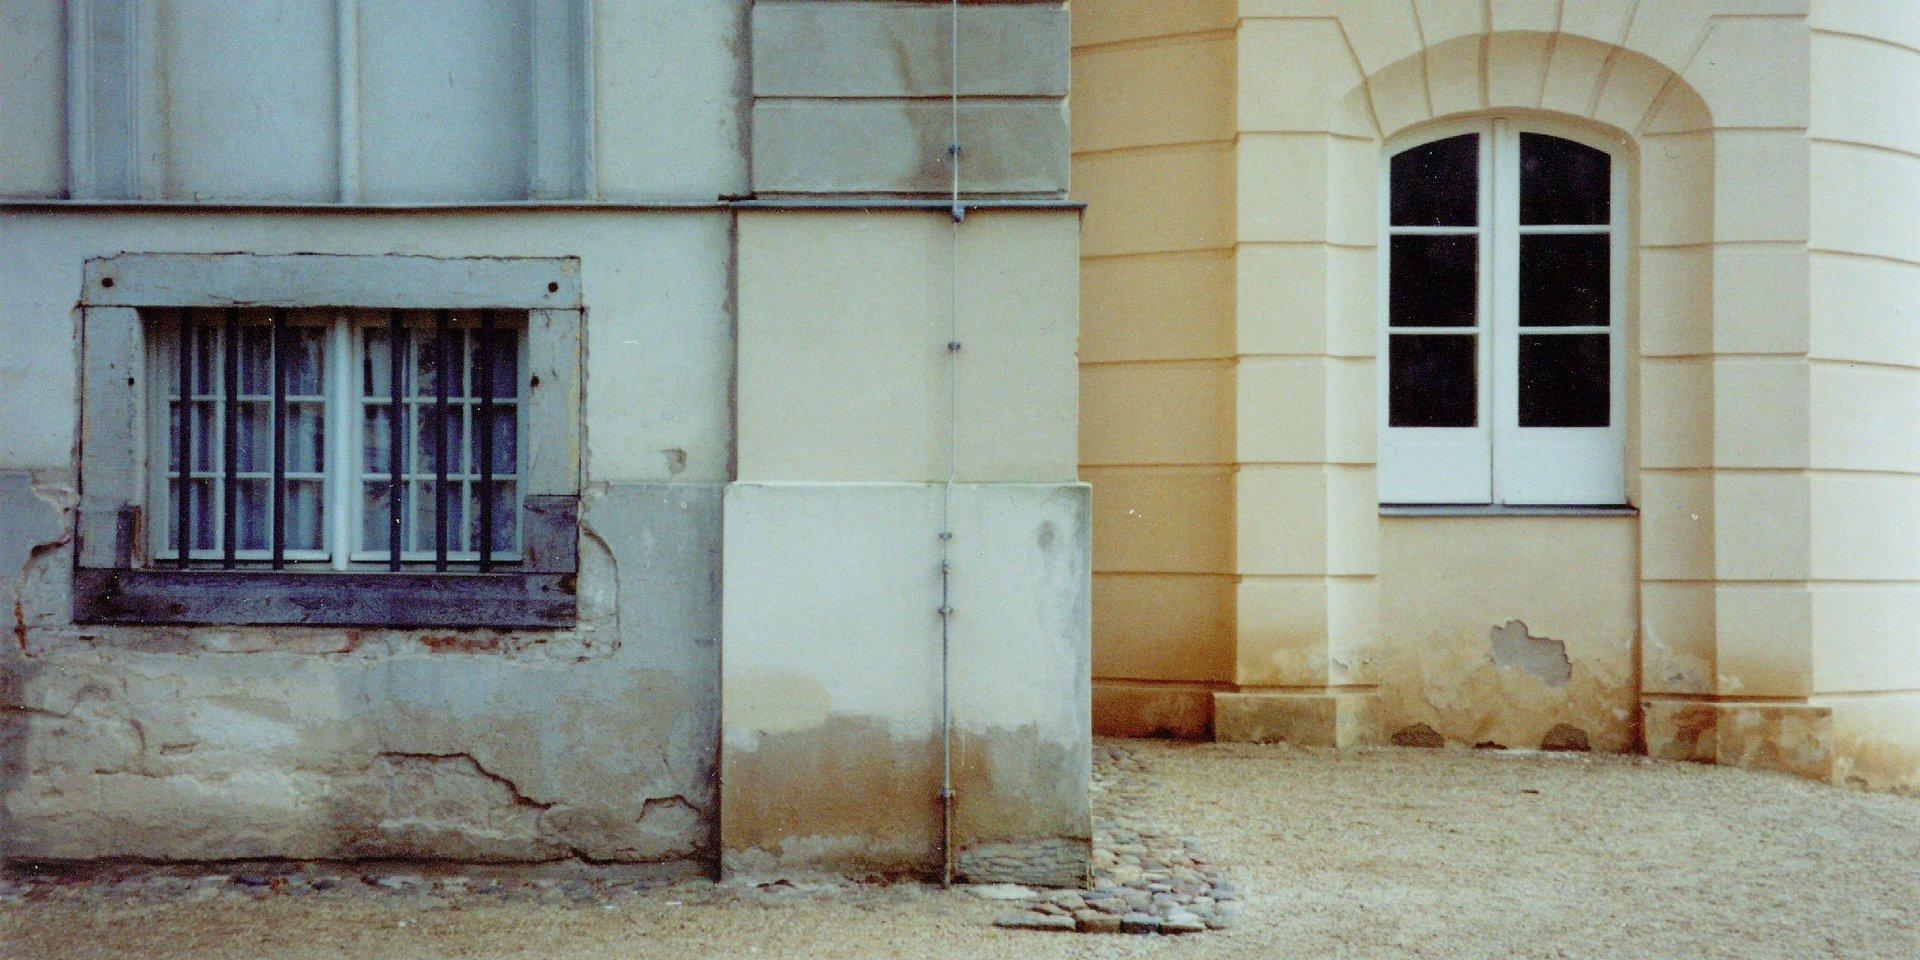 Baudenkmal mit ungeeignetem Sockelputz: starke Feuchteschäden nach der Sanierung